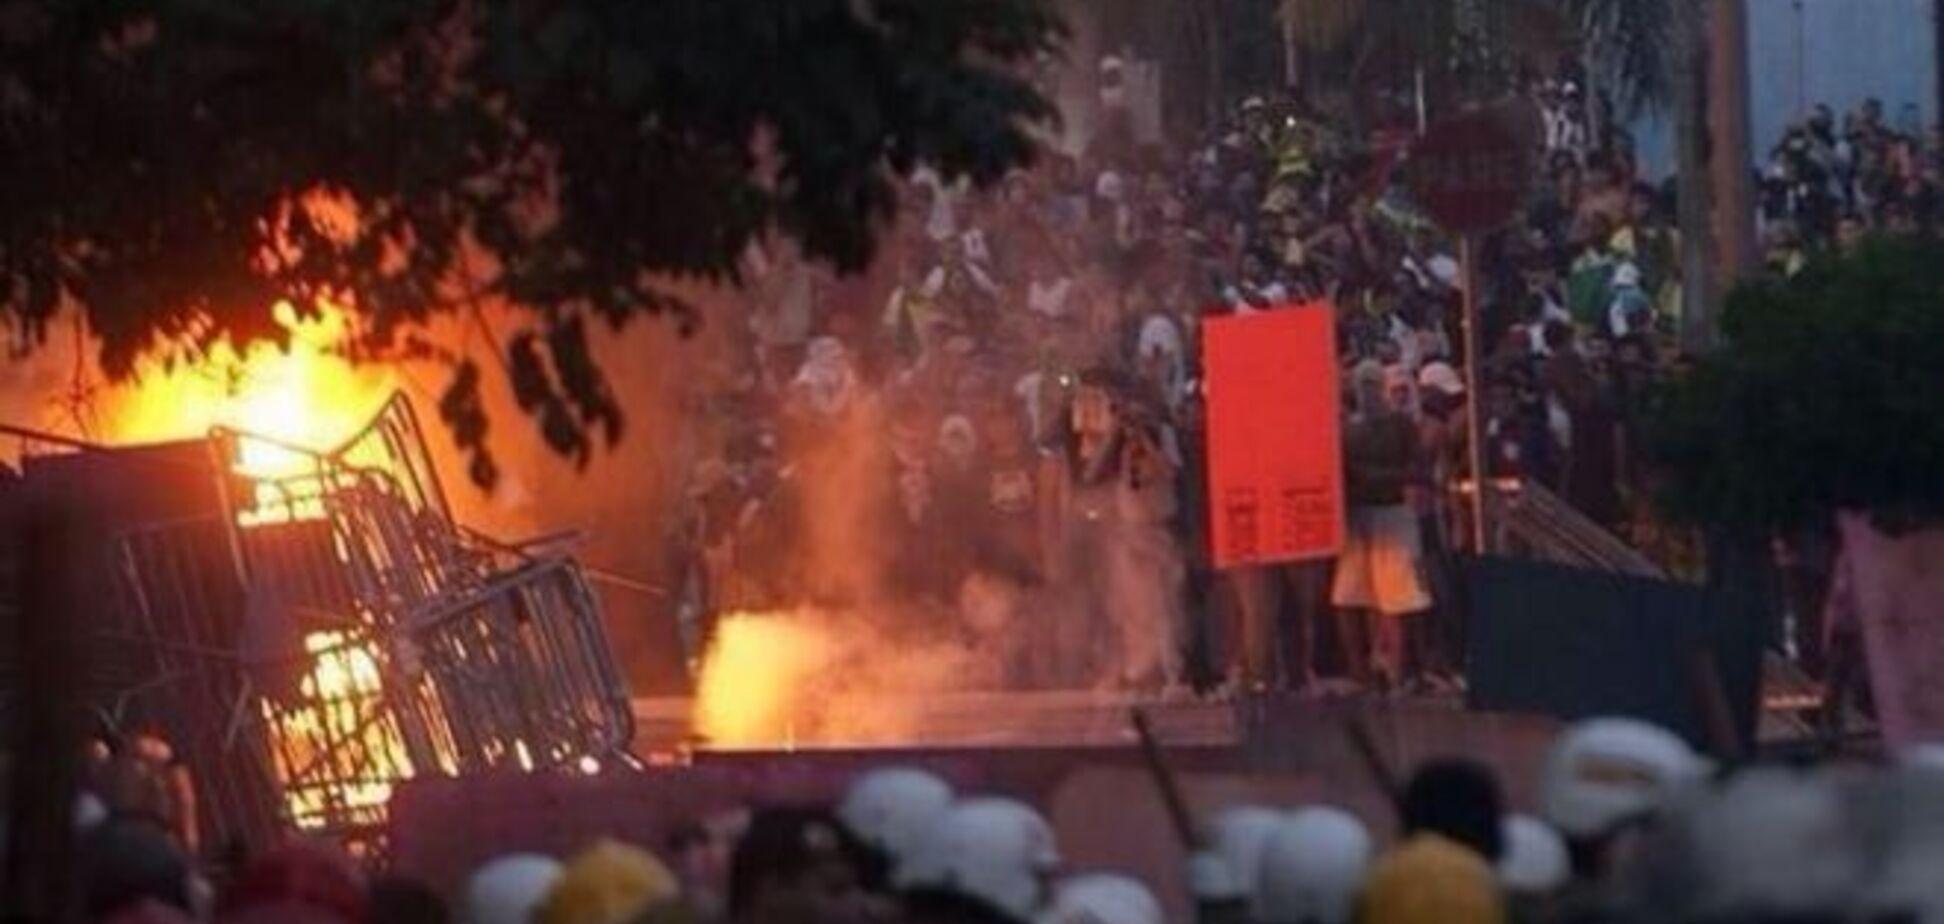 Після поразки національної збірної в Бразилії влаштували масові безлади